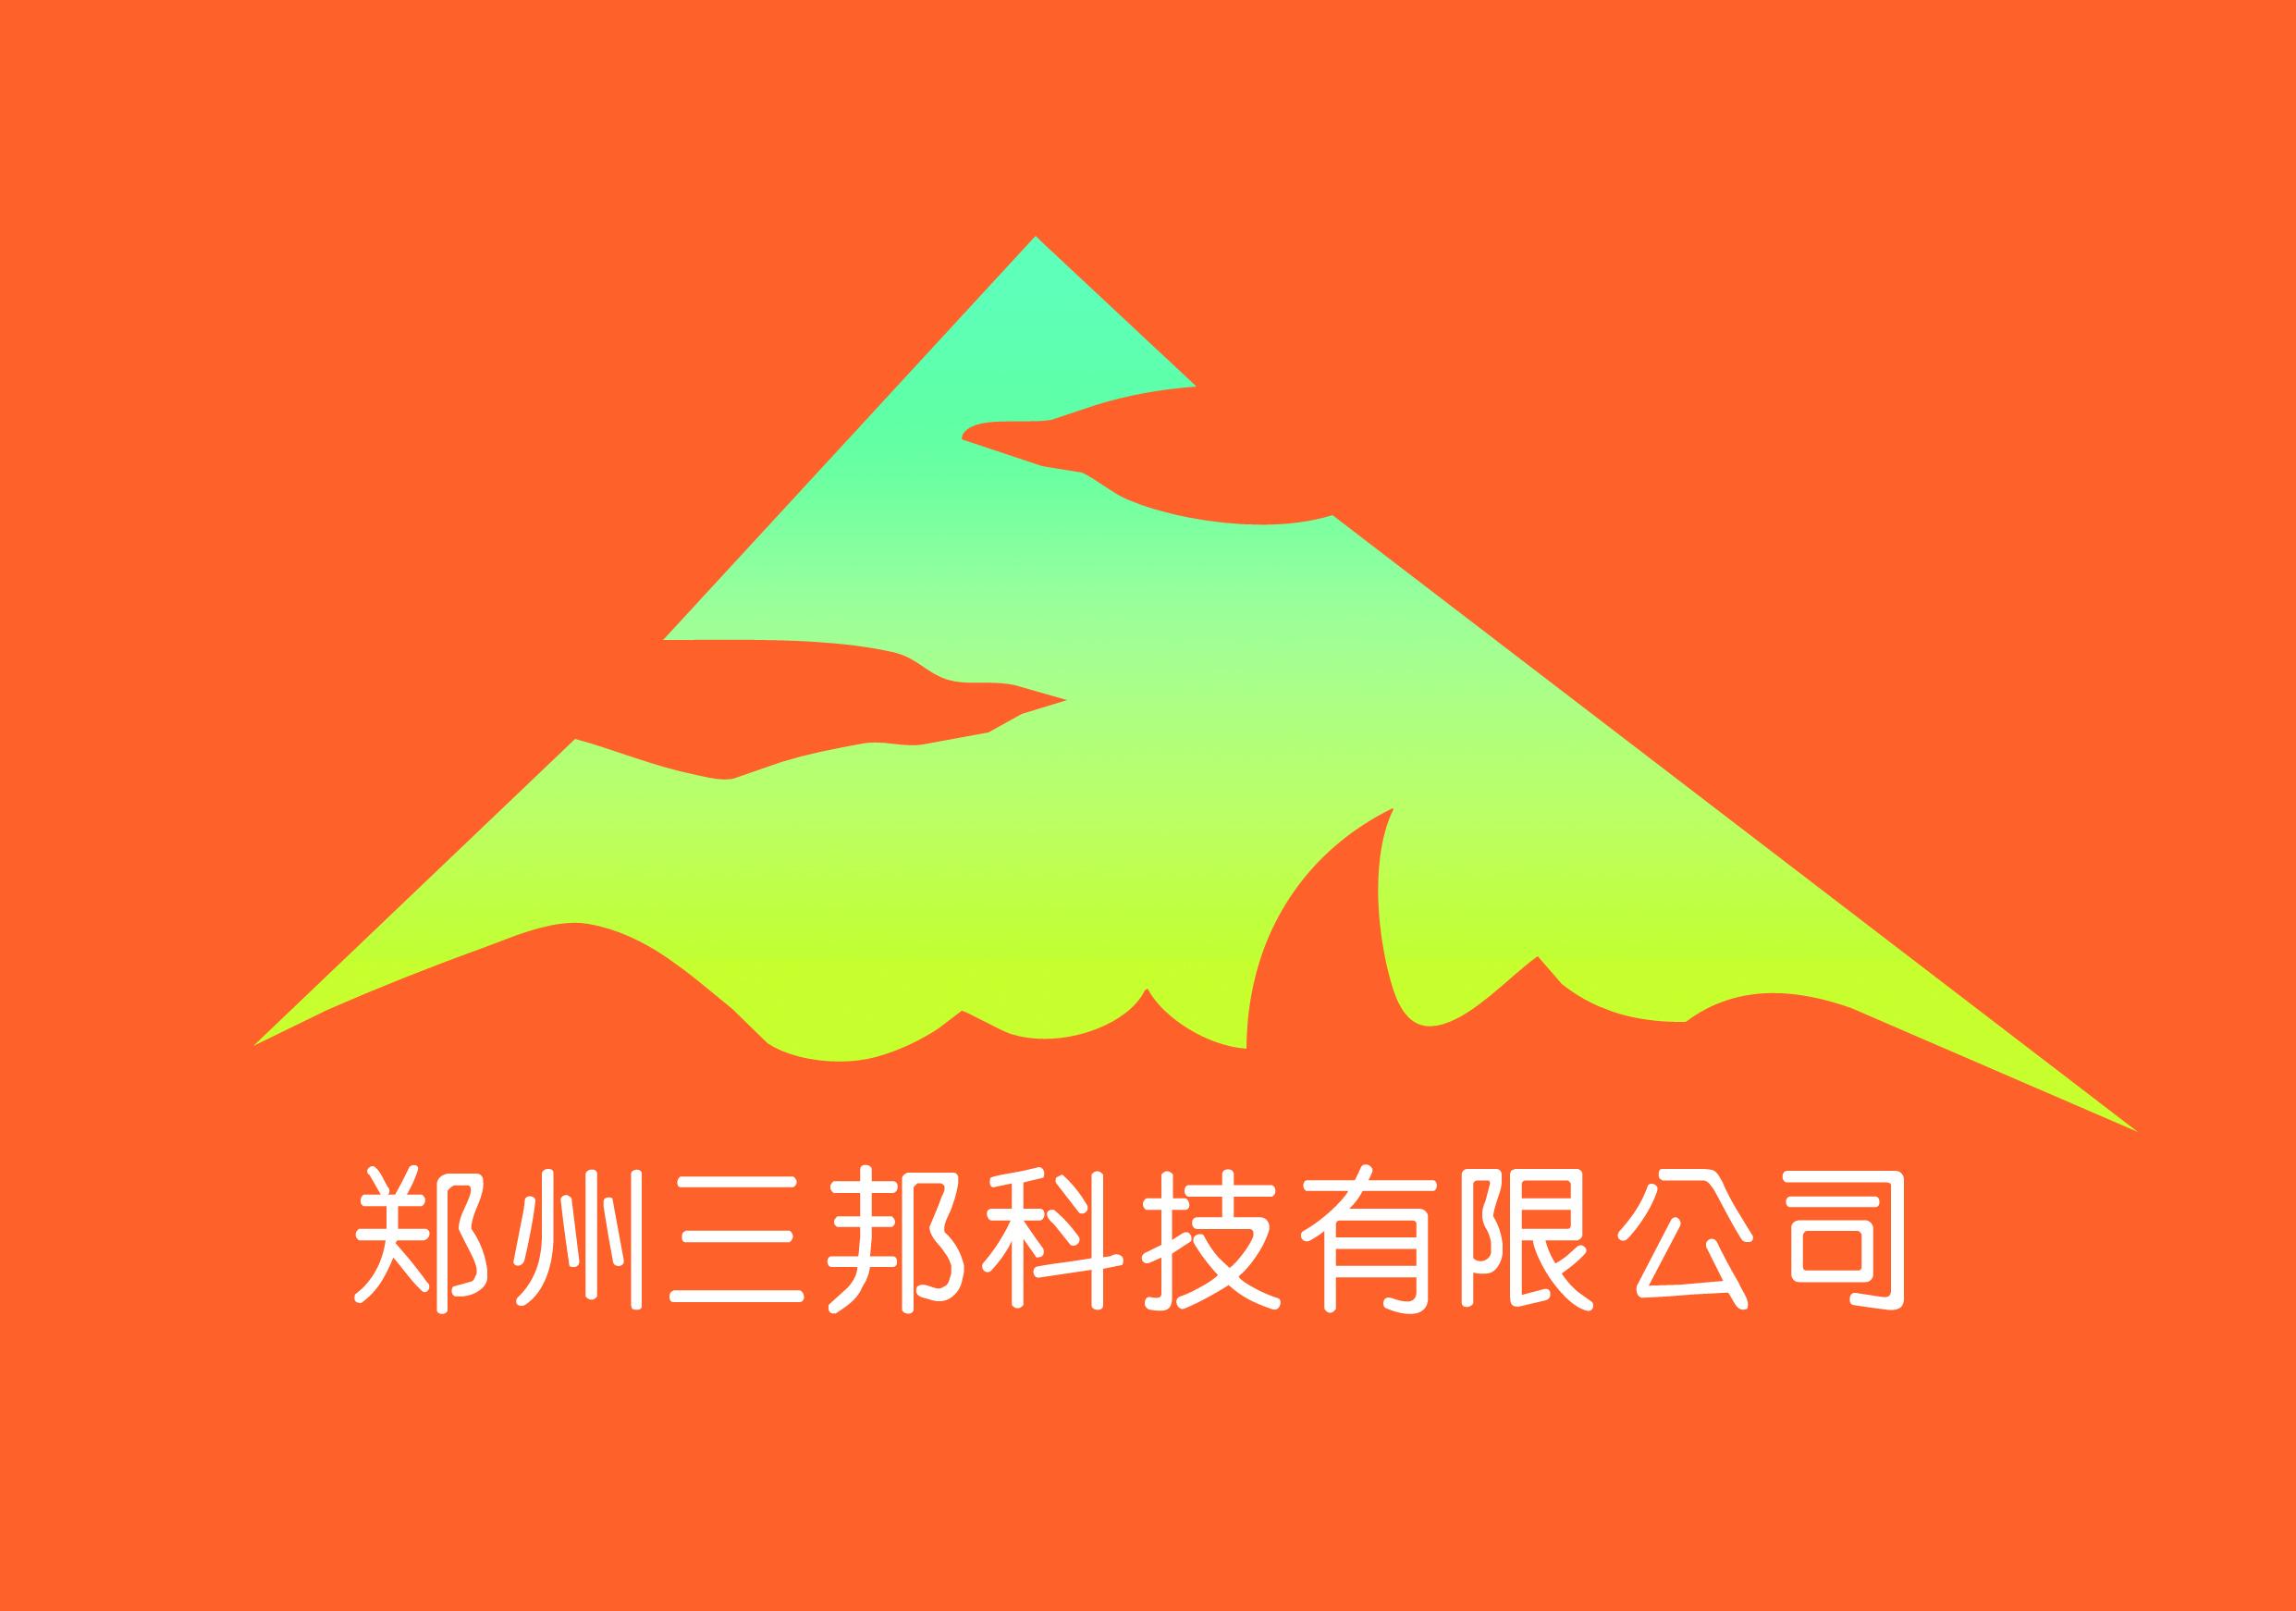 郑州三邦科技有限公司